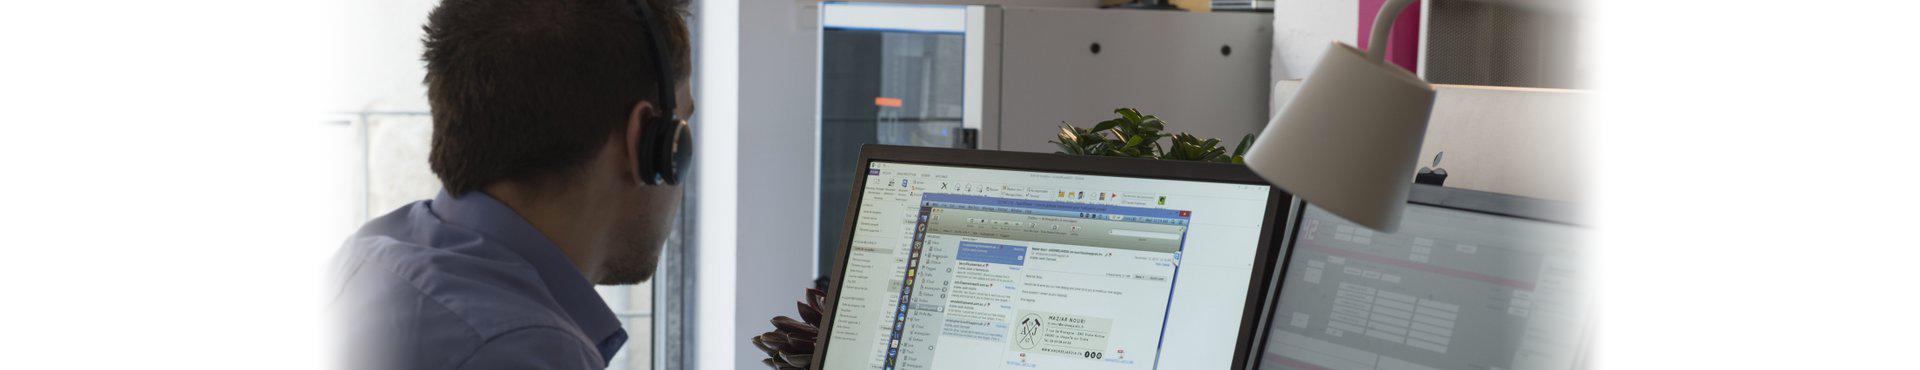 Prestataire informatique, Code 42 assure la maintenance informatique d'entreprise du 44, 56 et 49. Grâce au service assistance, ils ont l'assurance d'avoir un service réactif et de qualité : assistance téléphonique, logiciel de suivi d'incident convivial, suivi de la norme ITIL, formation à l'usage...